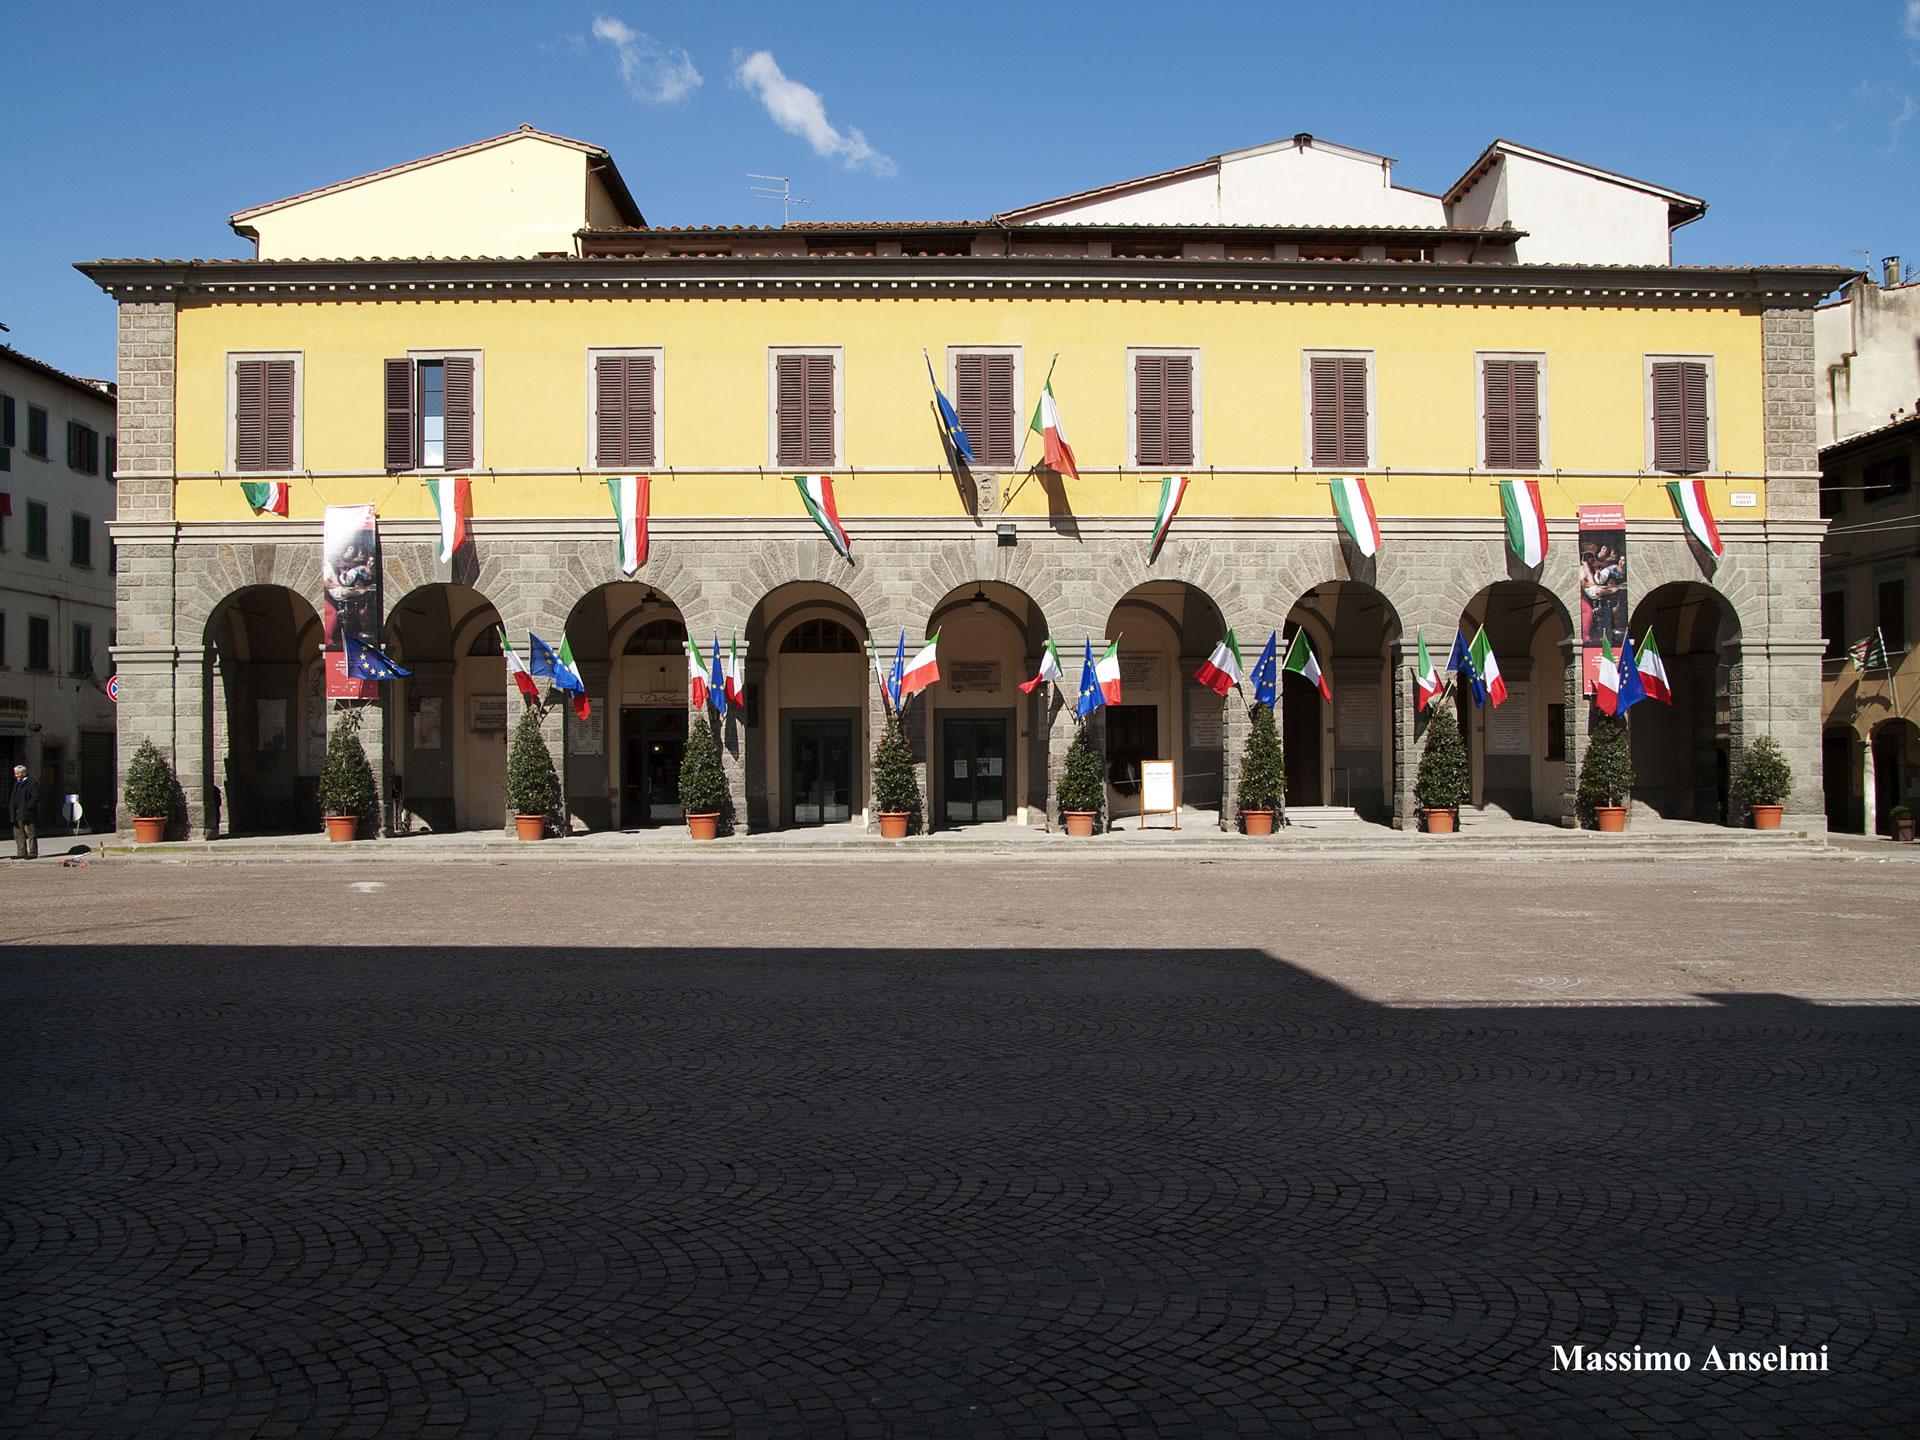 019-P1130003-Piazza-Varchi-LS-cn